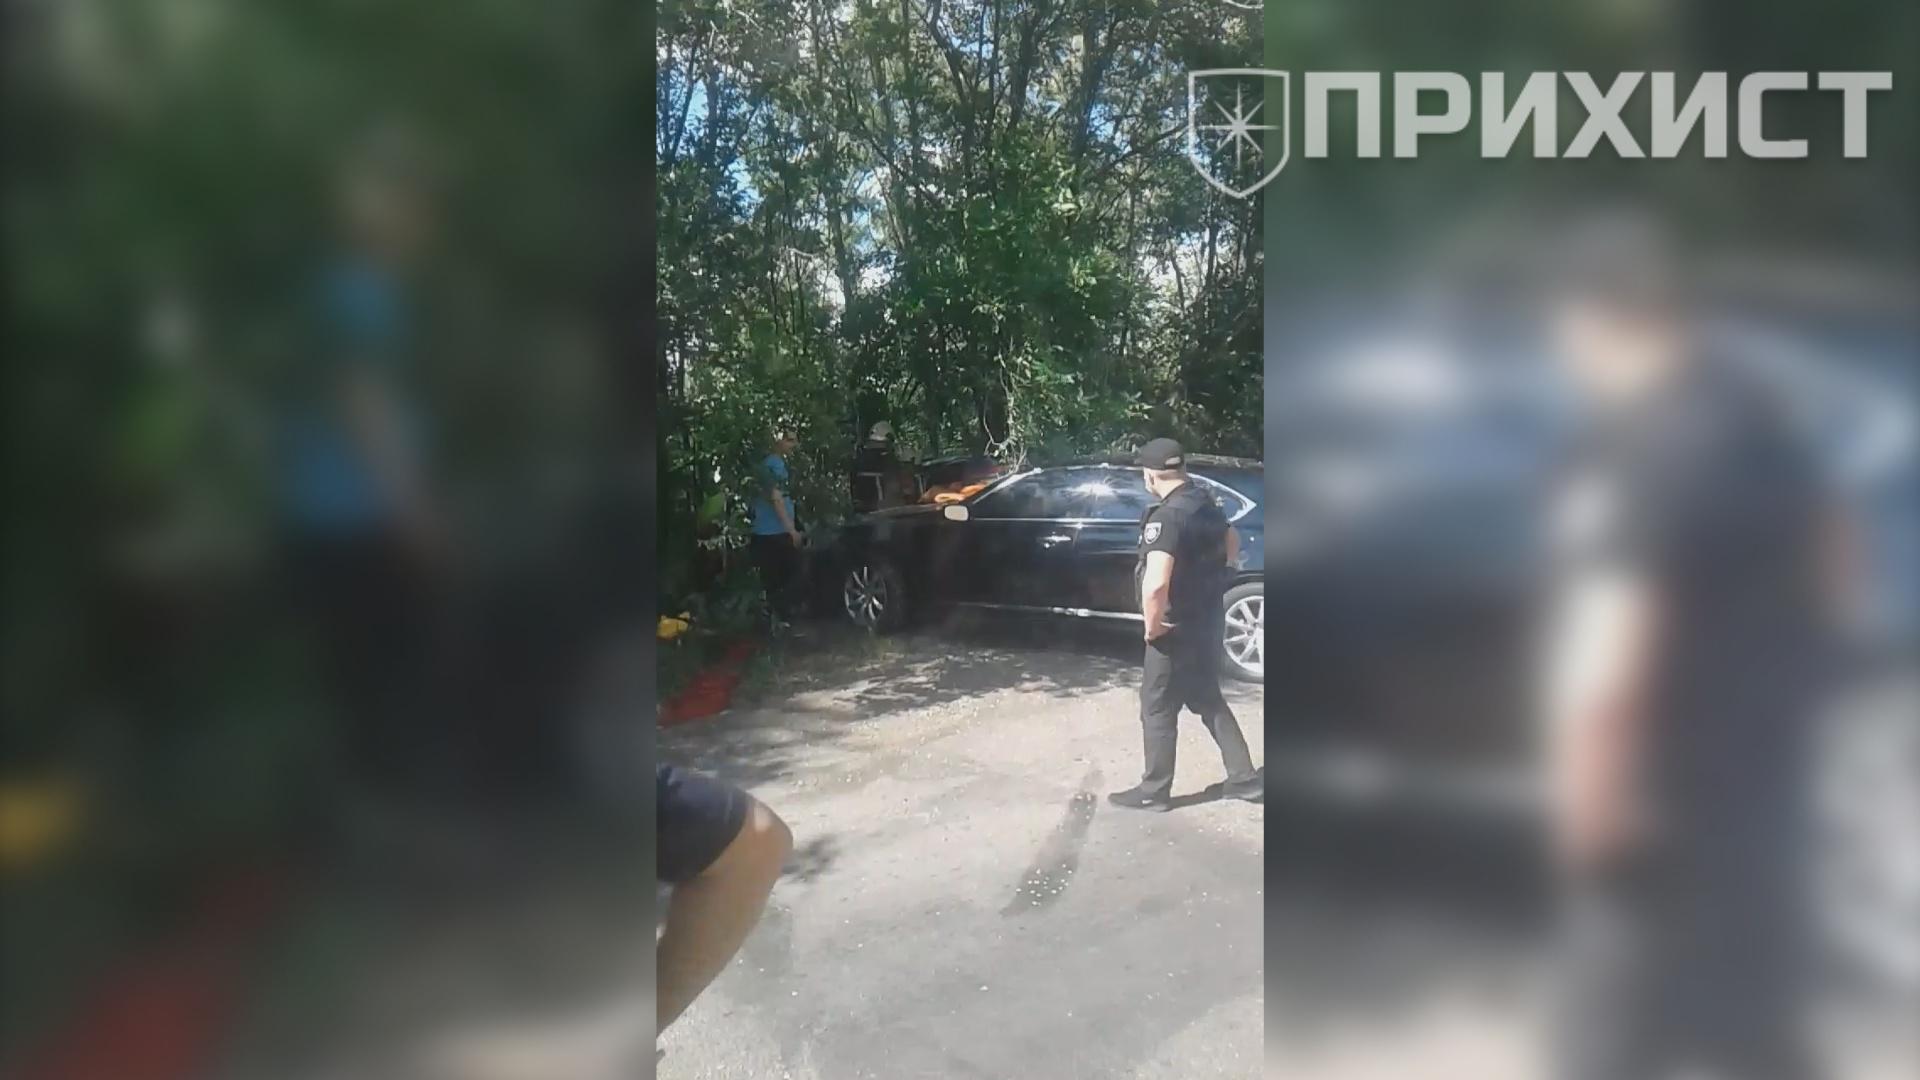 Подробности ДТП на трассе Никополь – Днепр. Обновлено   Прихист